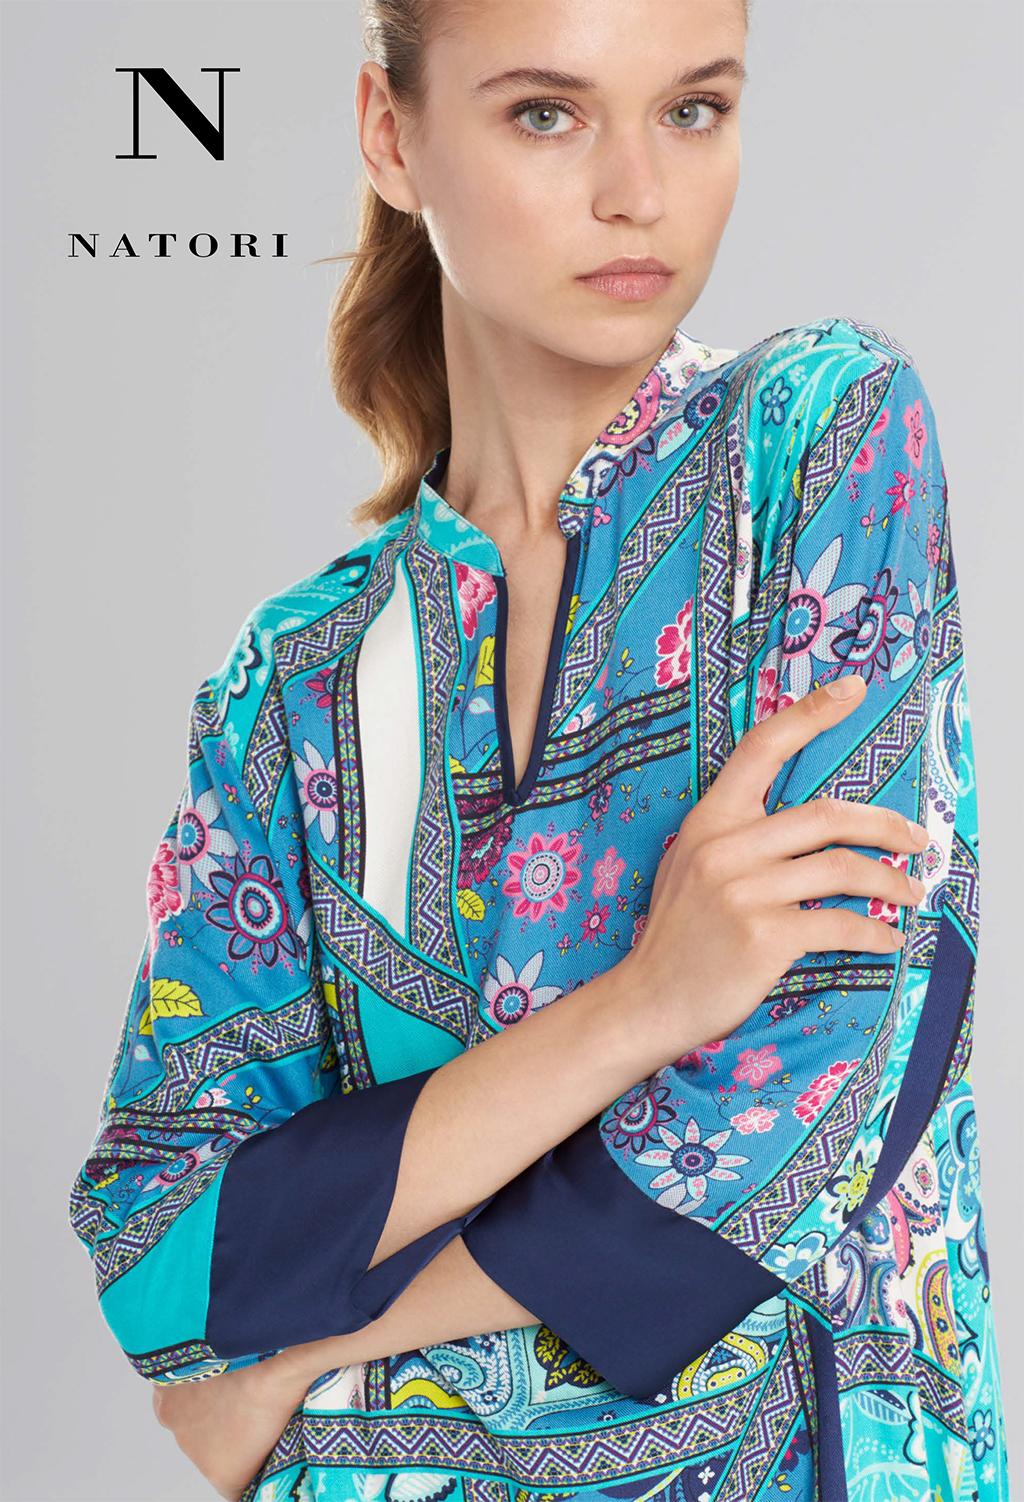 N Natori Fall 2017 Lookbook